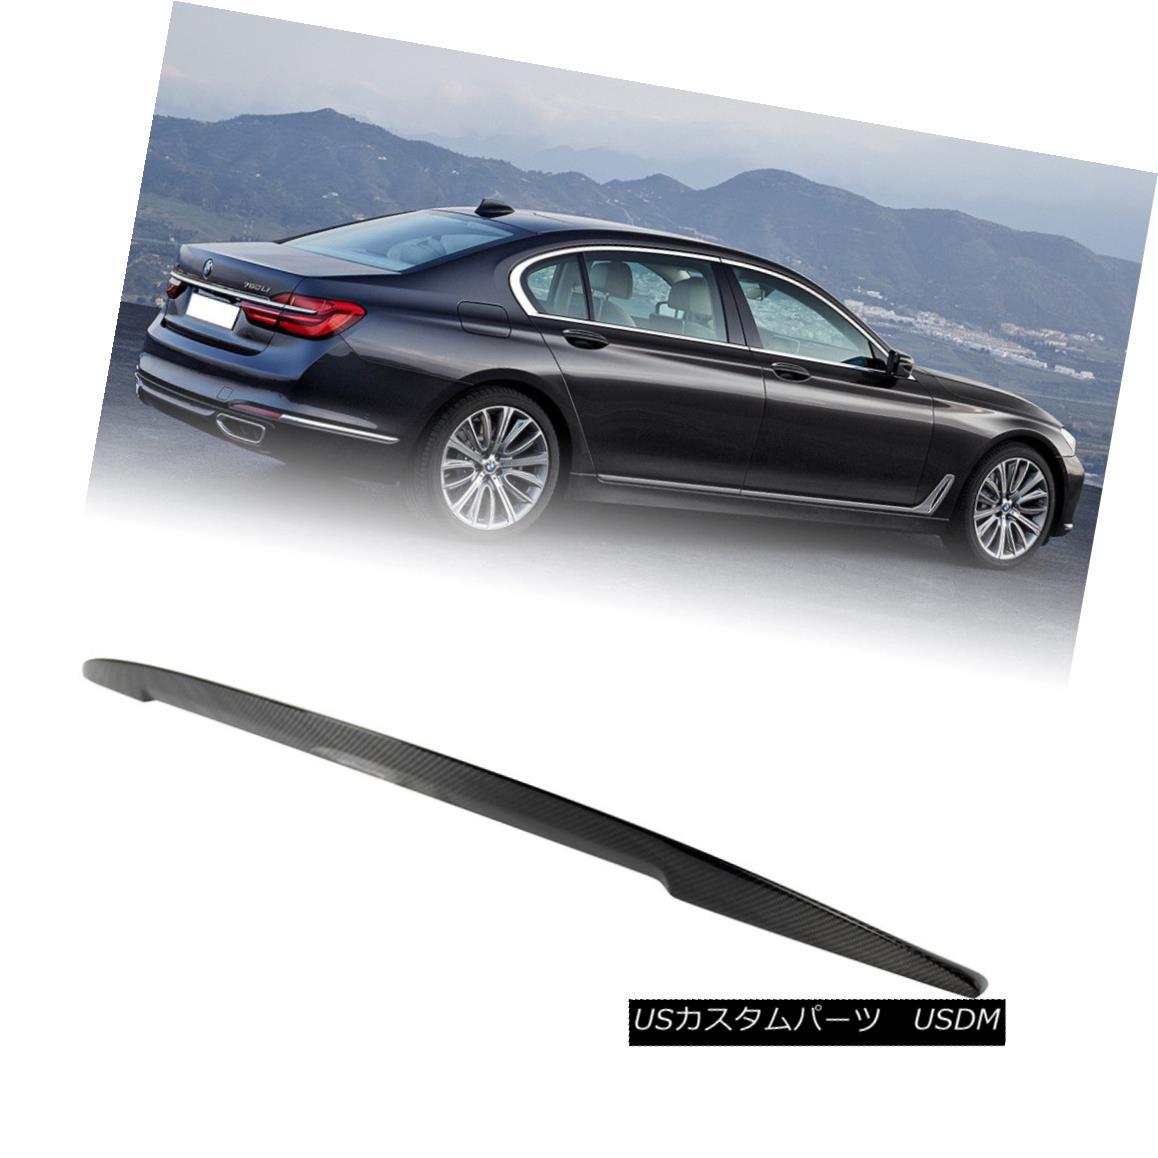 エアロパーツ Carbon Fiber Performance P Trunk Boot Spoiler BMW 7 Series G11 Sedan 740i 2017 炭素繊維性能PトランクブートスポイラーBMW 7シリーズG11セダン740i 2017